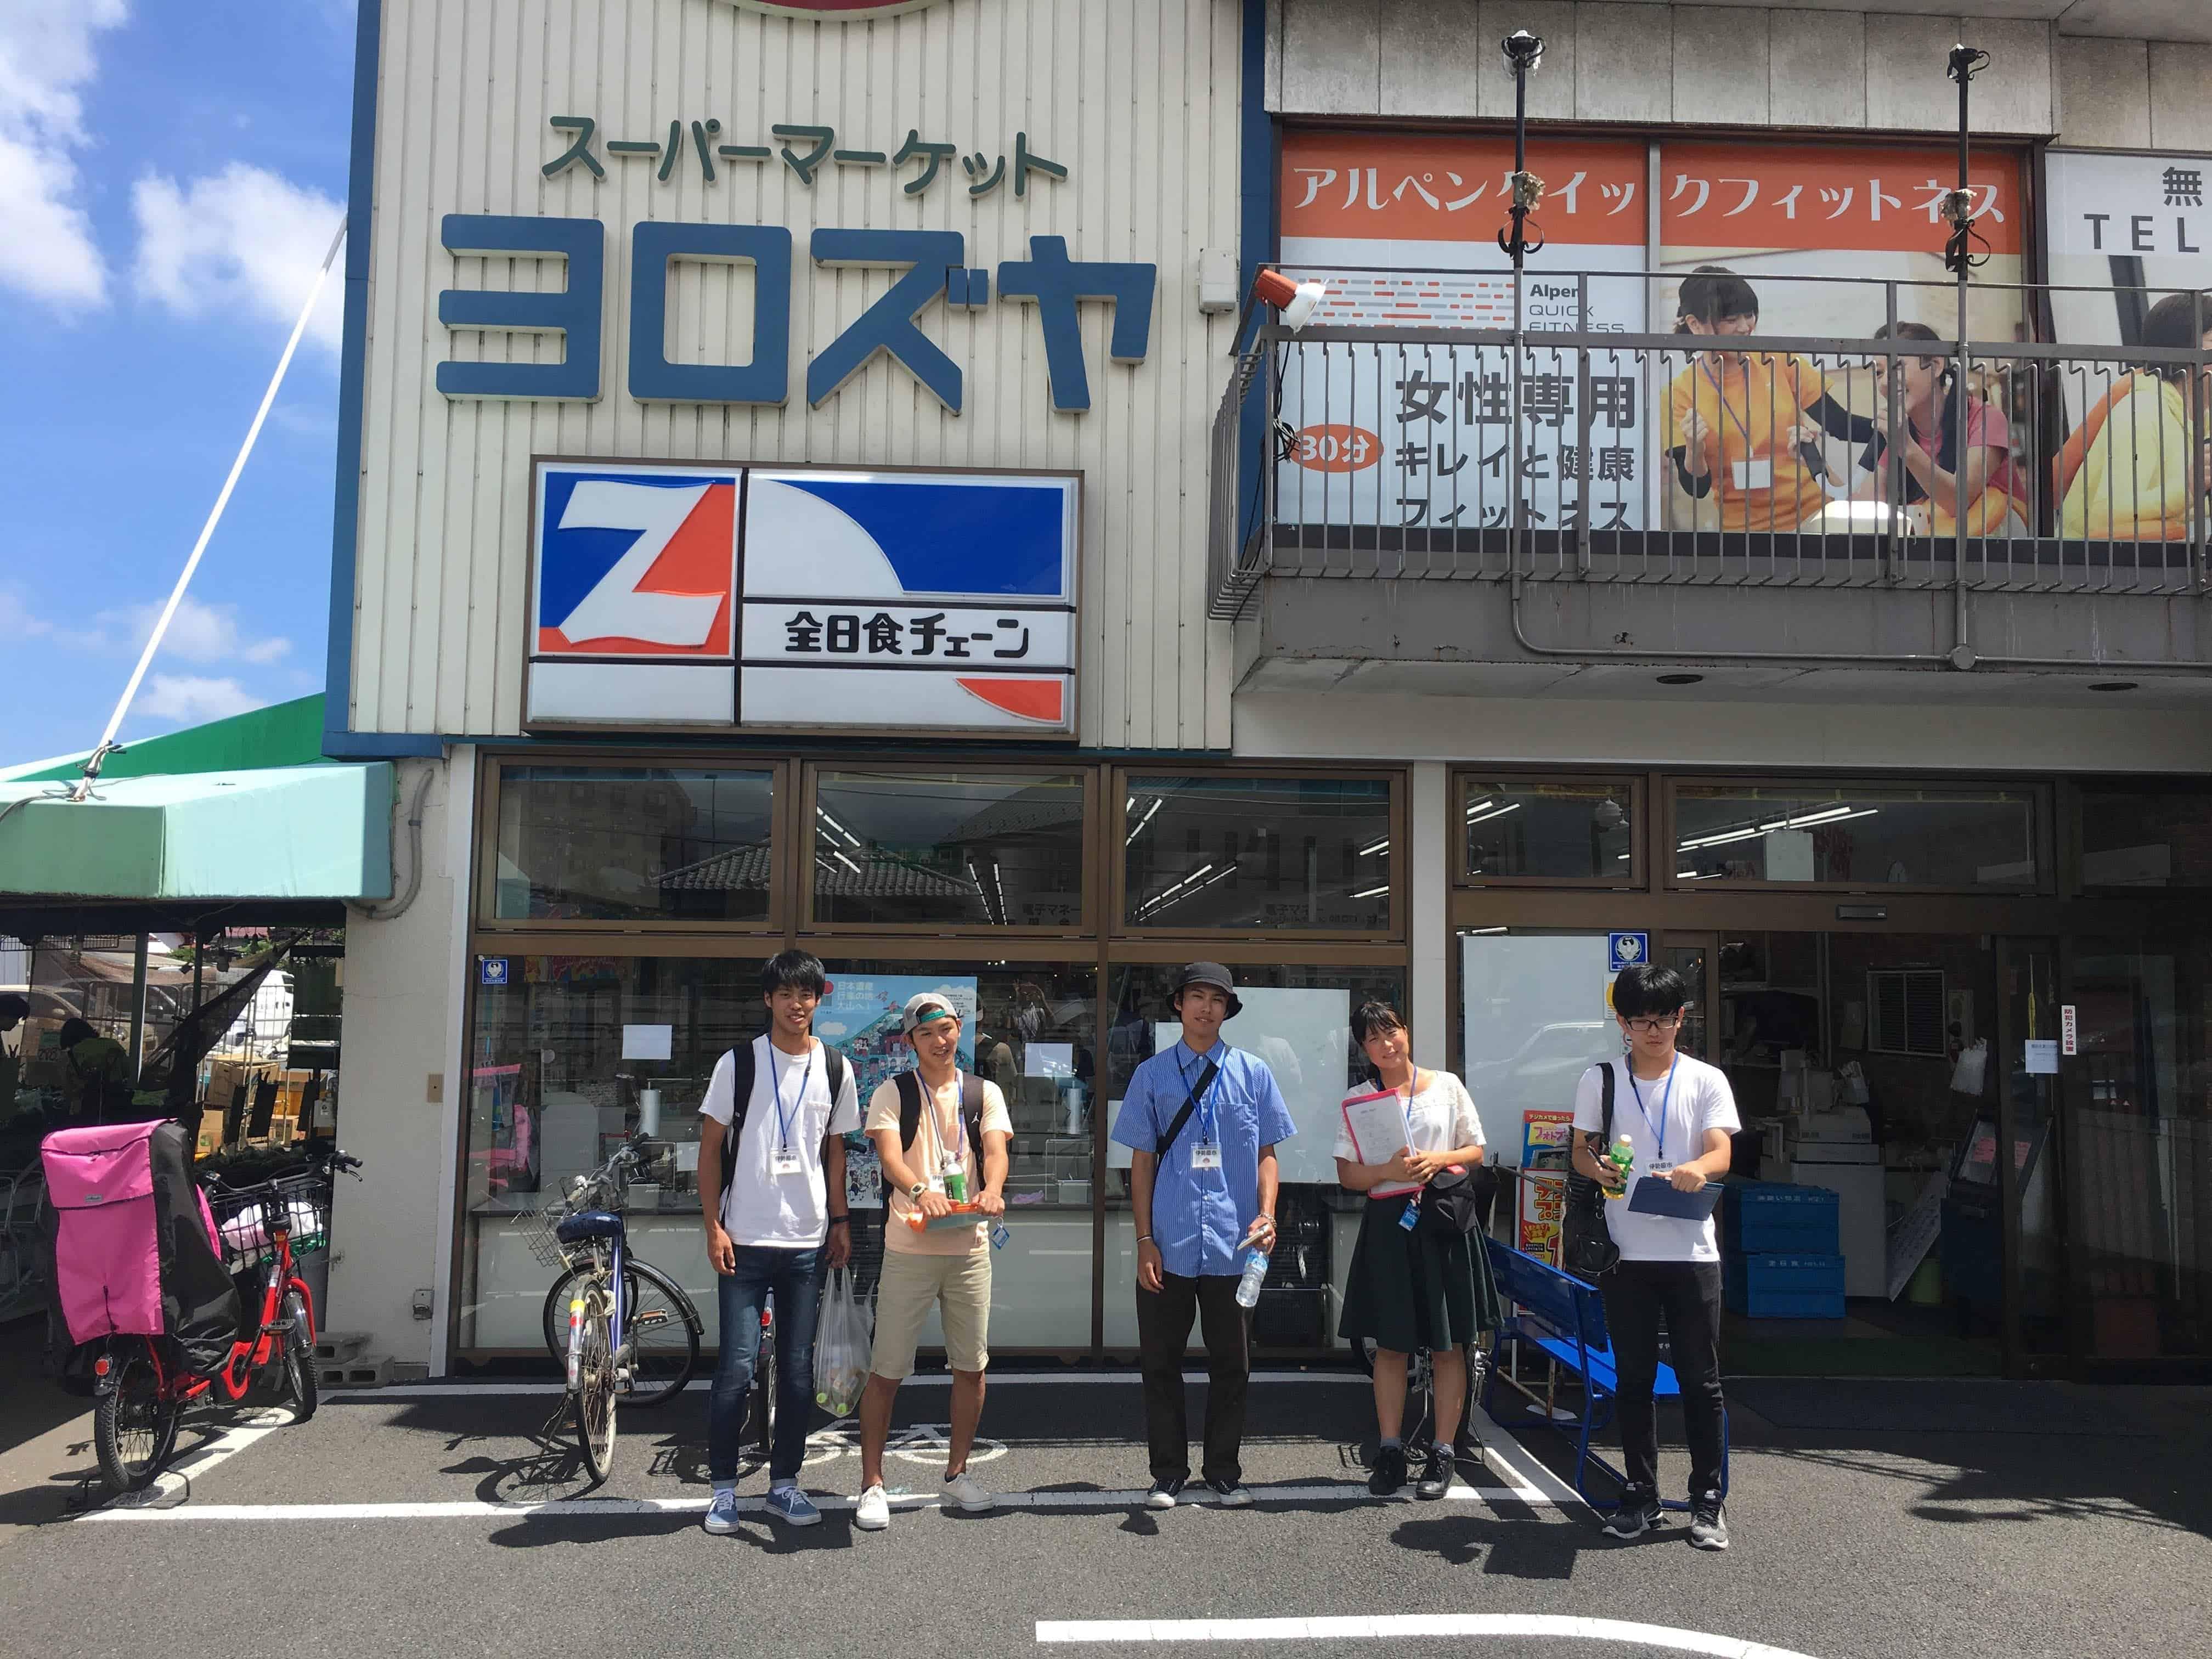 f940f25b518f8ac5c22c8e9c4f471e17 - 地域コミュニティをツールに楽しい市民生活を送る方法~横浜から伊勢原に移住して2年目の大学生が語る~